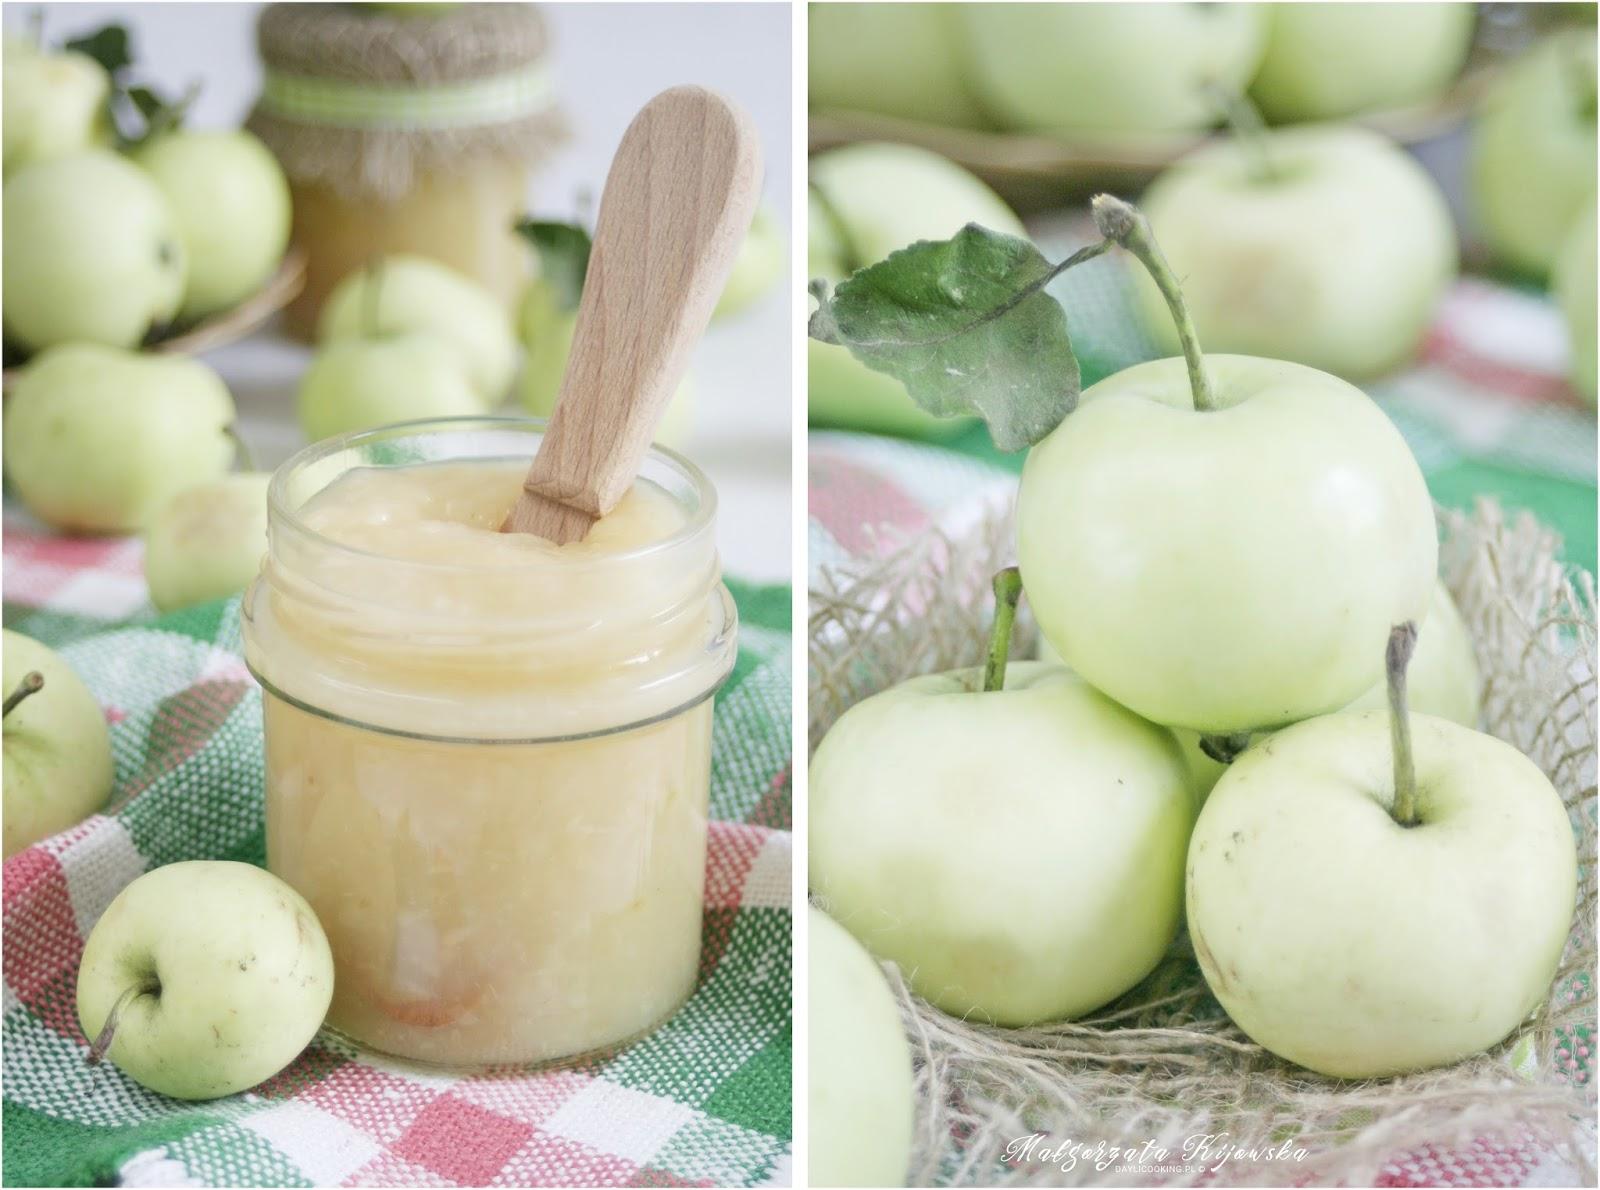 mus jabłkowy, przecier jabłkowy, co zrobić z papierówek, daylicooking, Małgorzata Kijowska